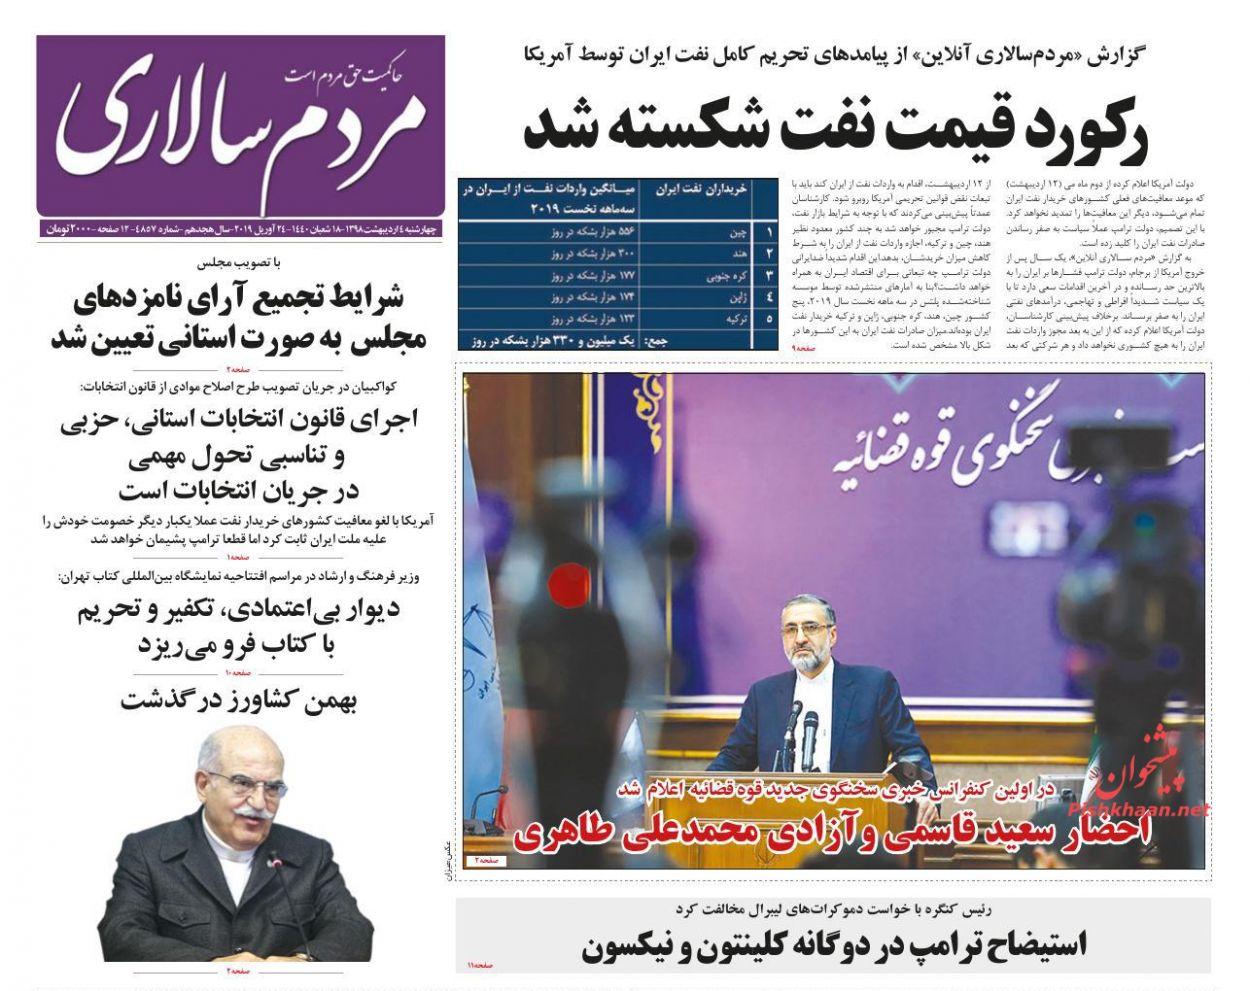 صفحه اول روزنامه ی مردم سالاری